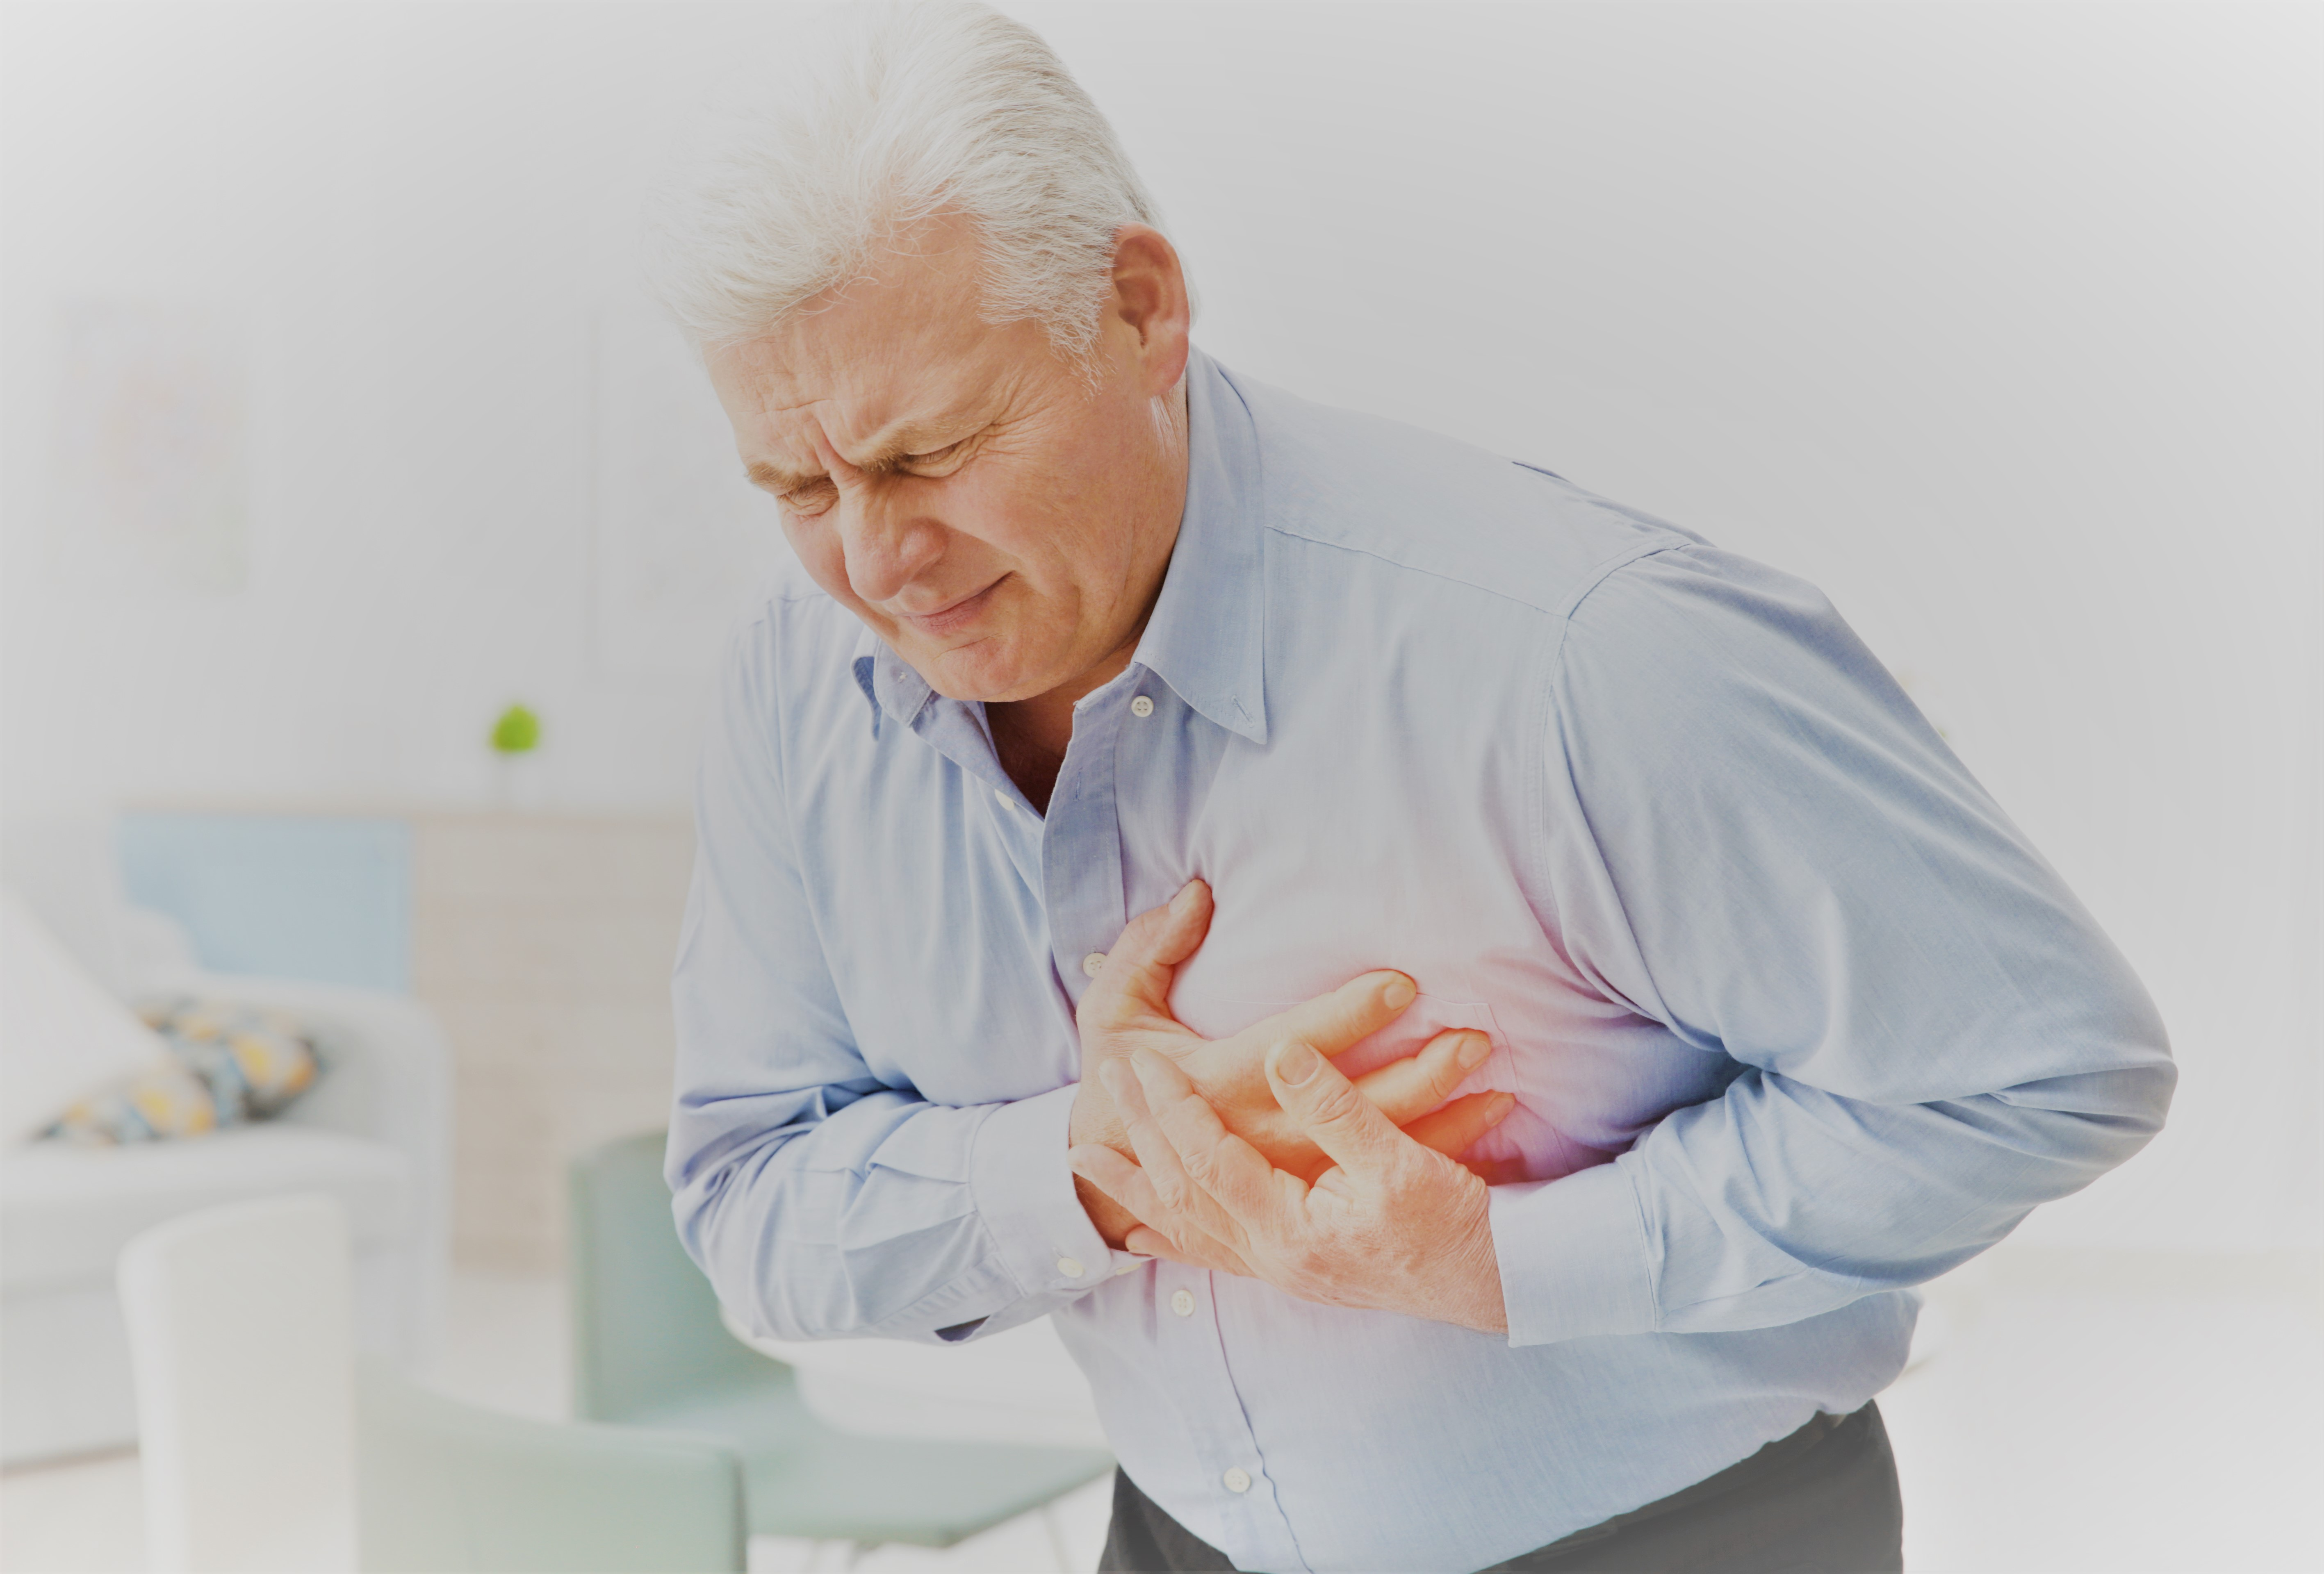 vállfájdalom magas vérnyomás dysplasia és magas vérnyomás